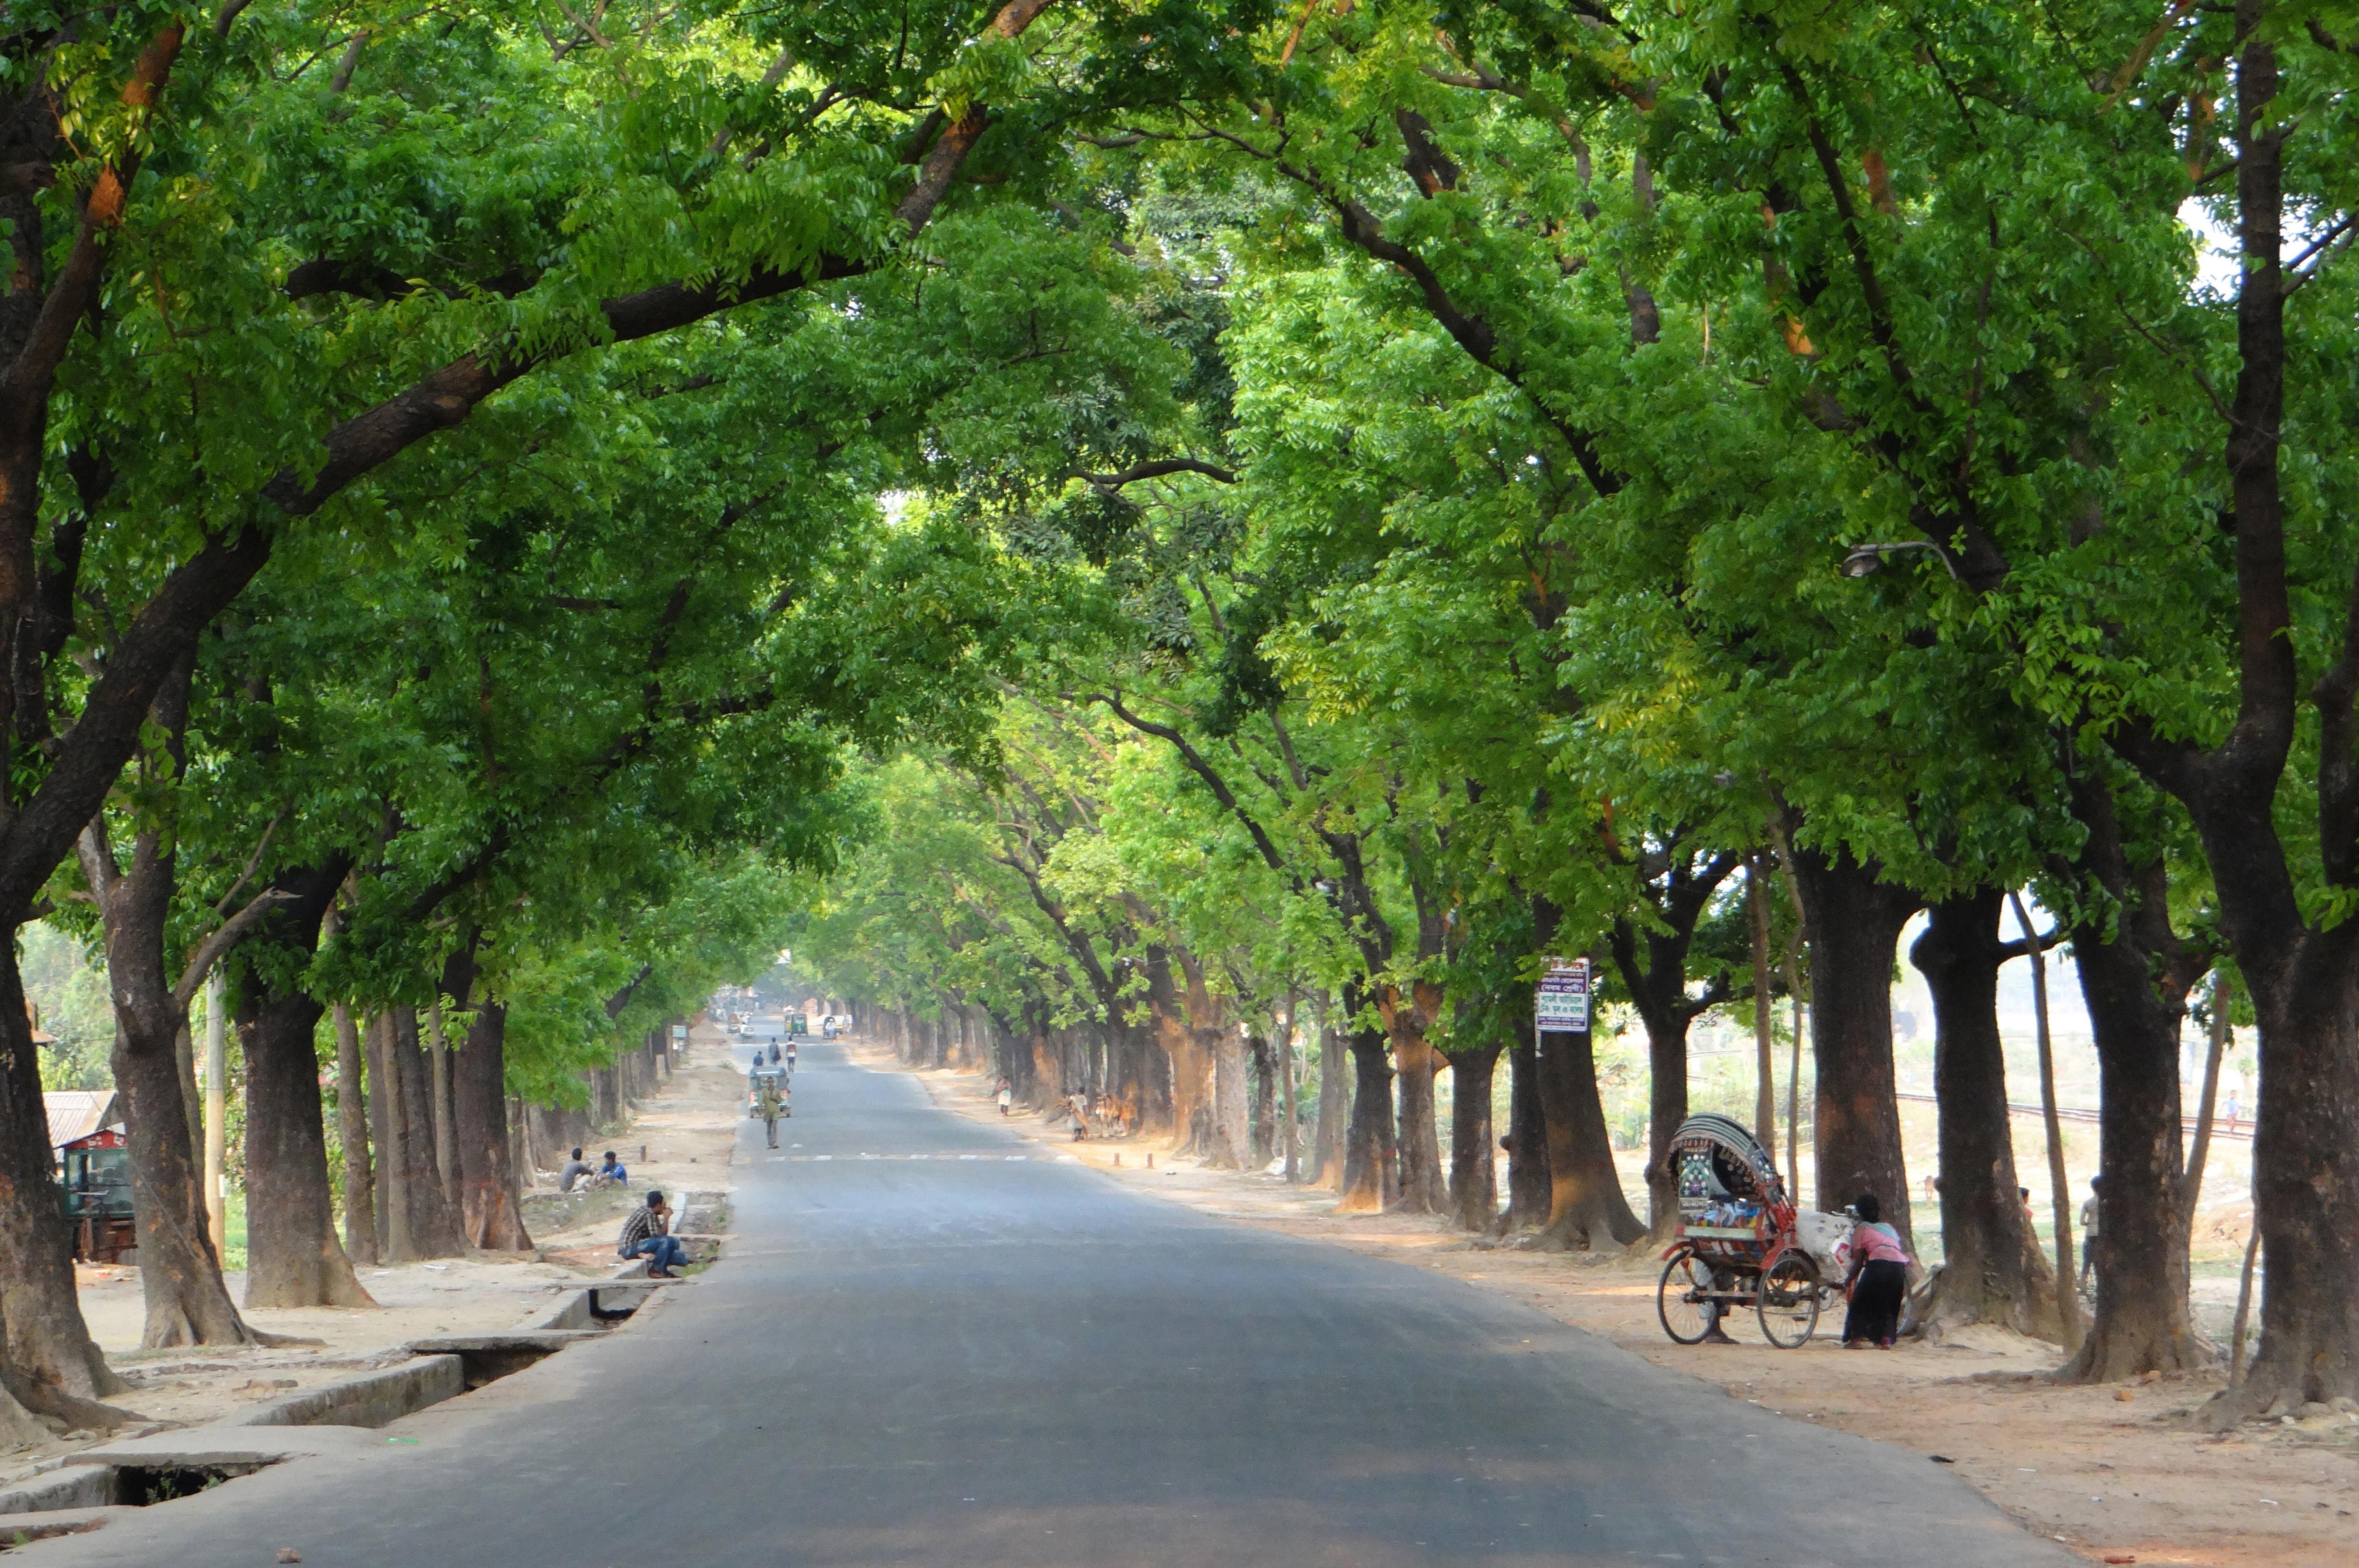 Bangladesh chittagong hathazari